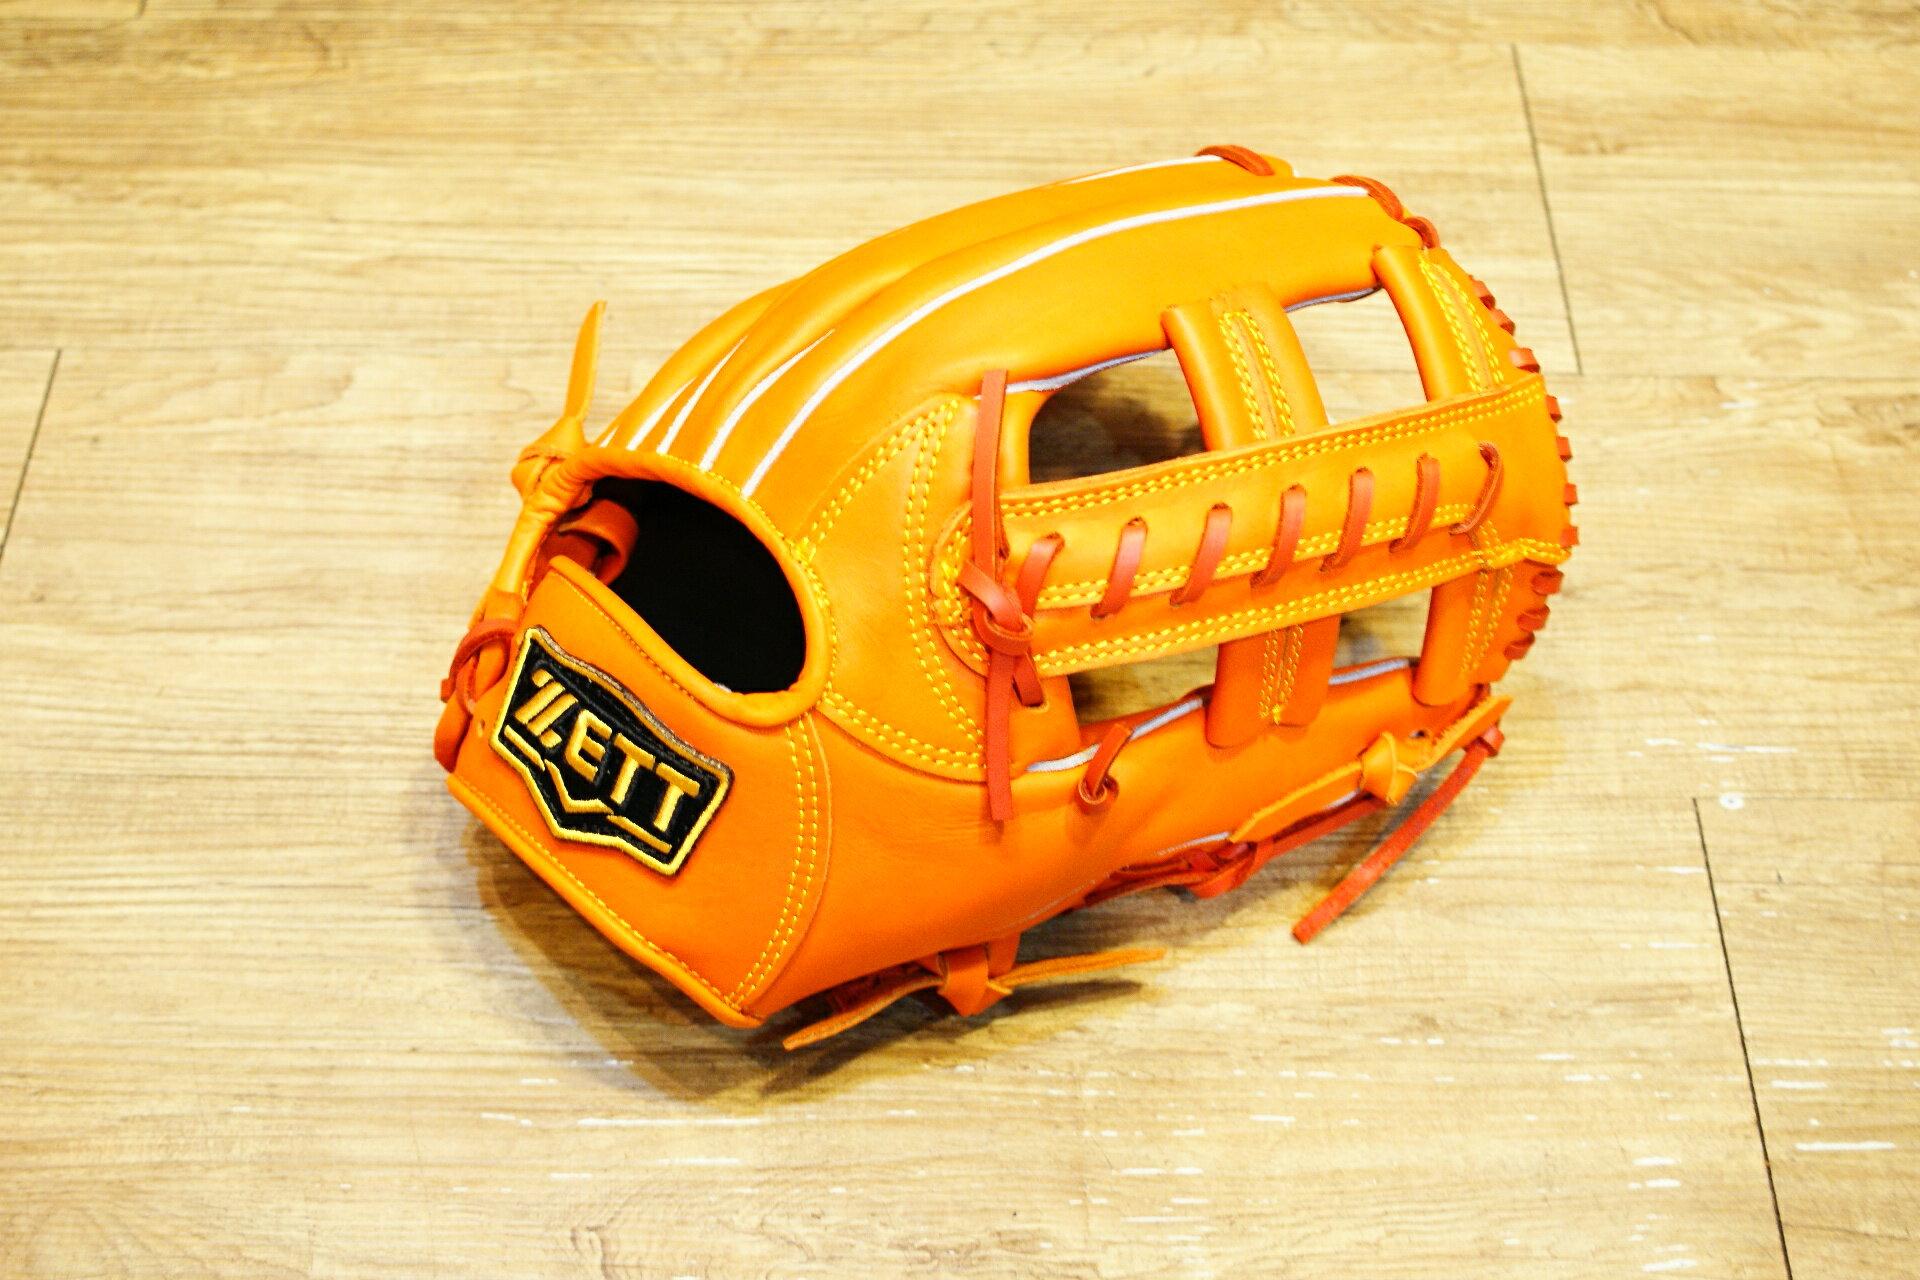 棒球世界 全新 ZETT本壘版新標訂製硬式牛皮內野手套 特價 12吋 限量日本最新球檔 橘色